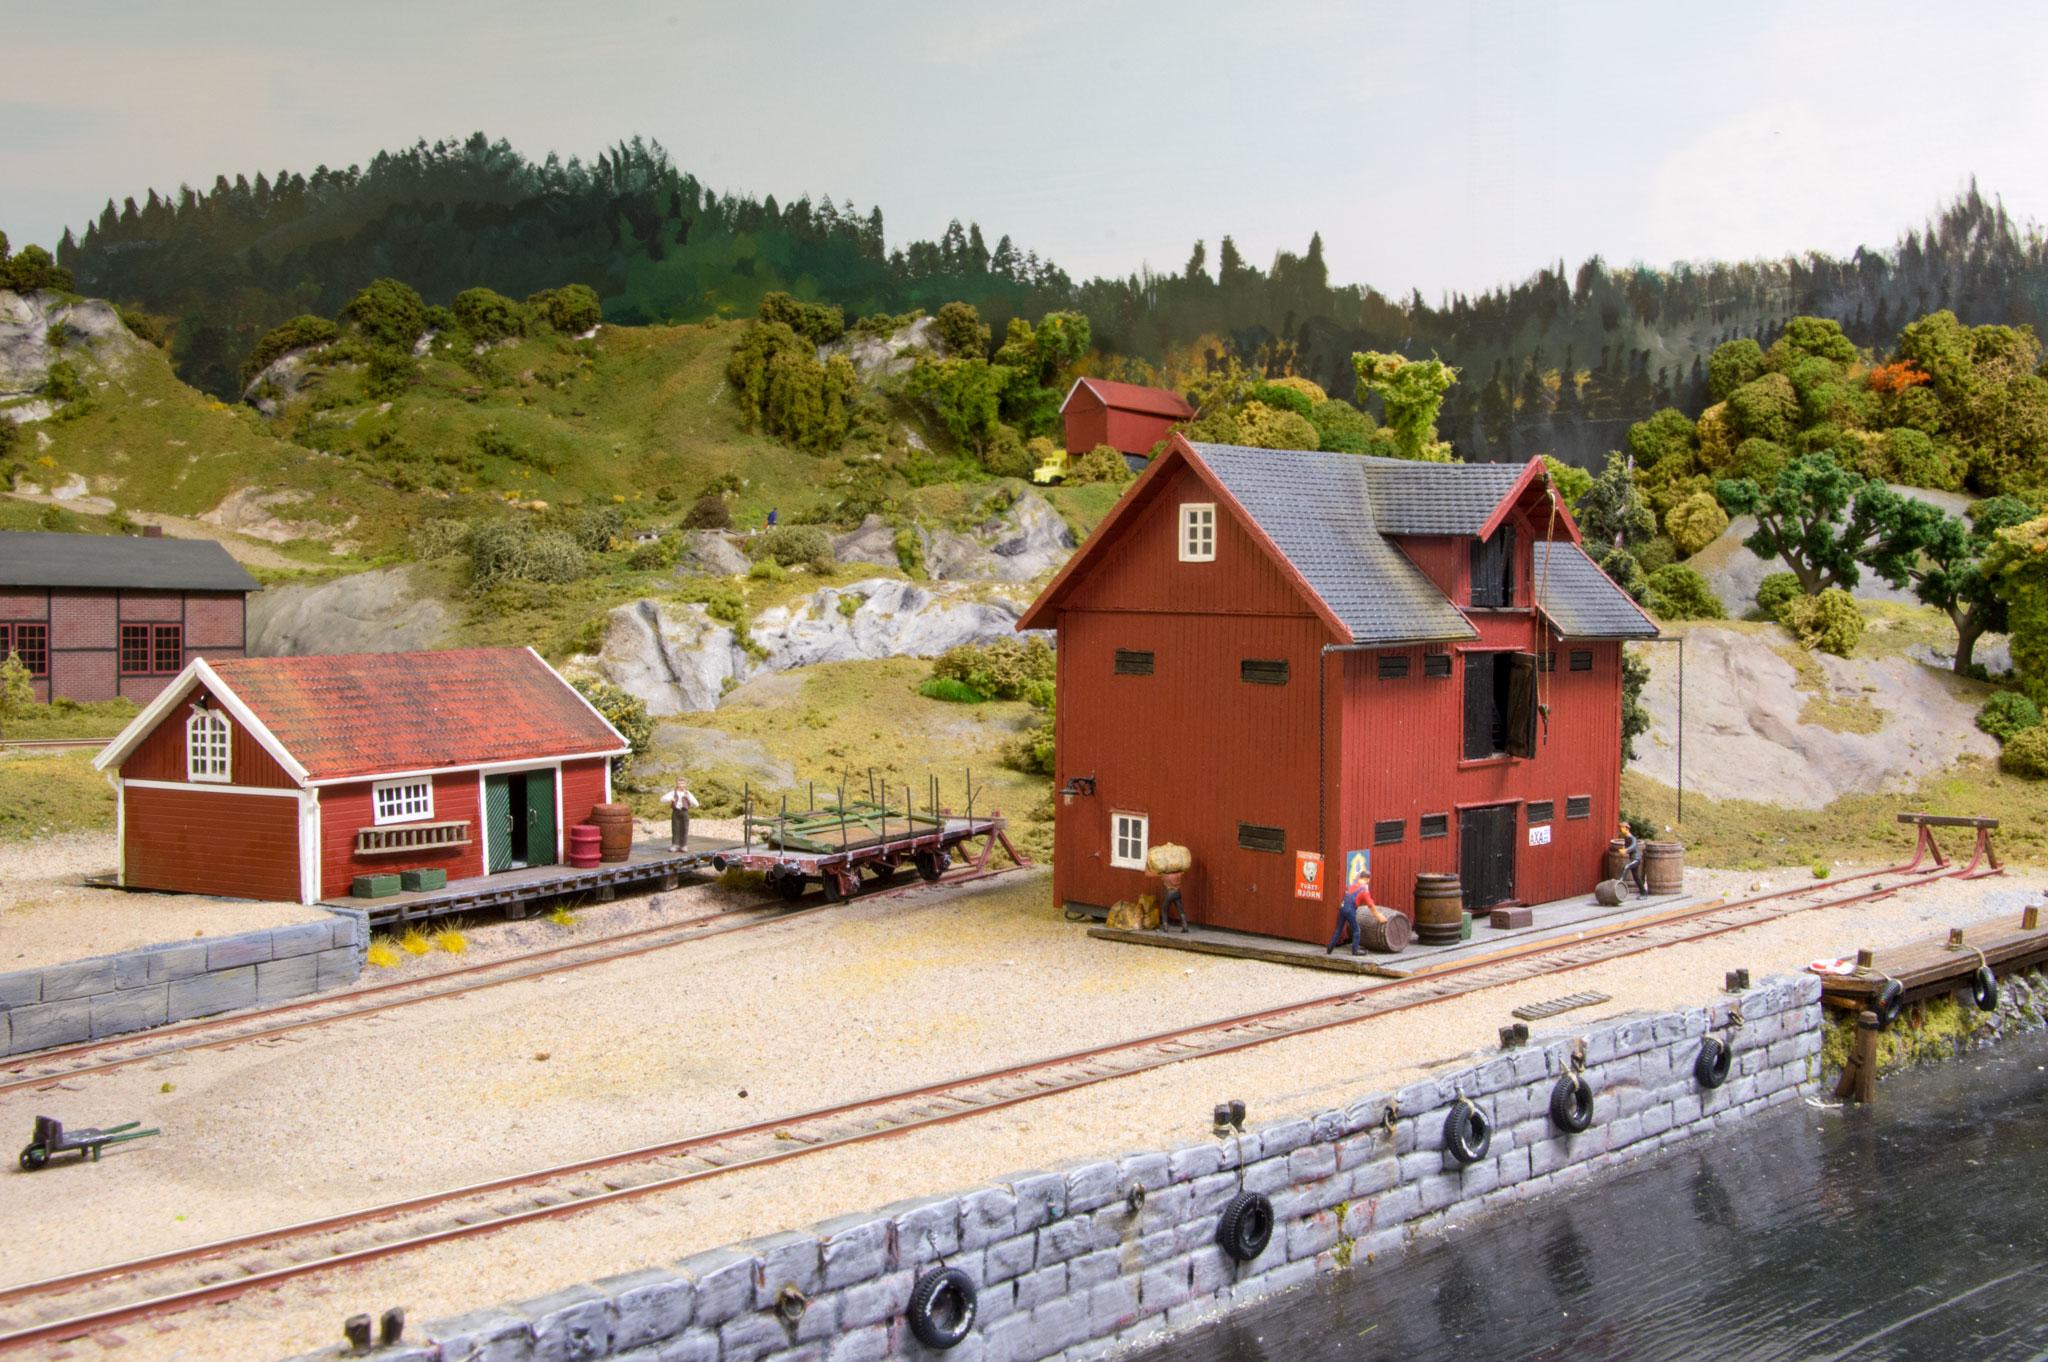 Lagerbygning på havnesporet i Korted (th.), scratchbygget i NorthEastern træ af Peter Falk. (Forbillede: Magasinet i Upperud, ved Dalslands Kanal.  Bygningen står stadig)